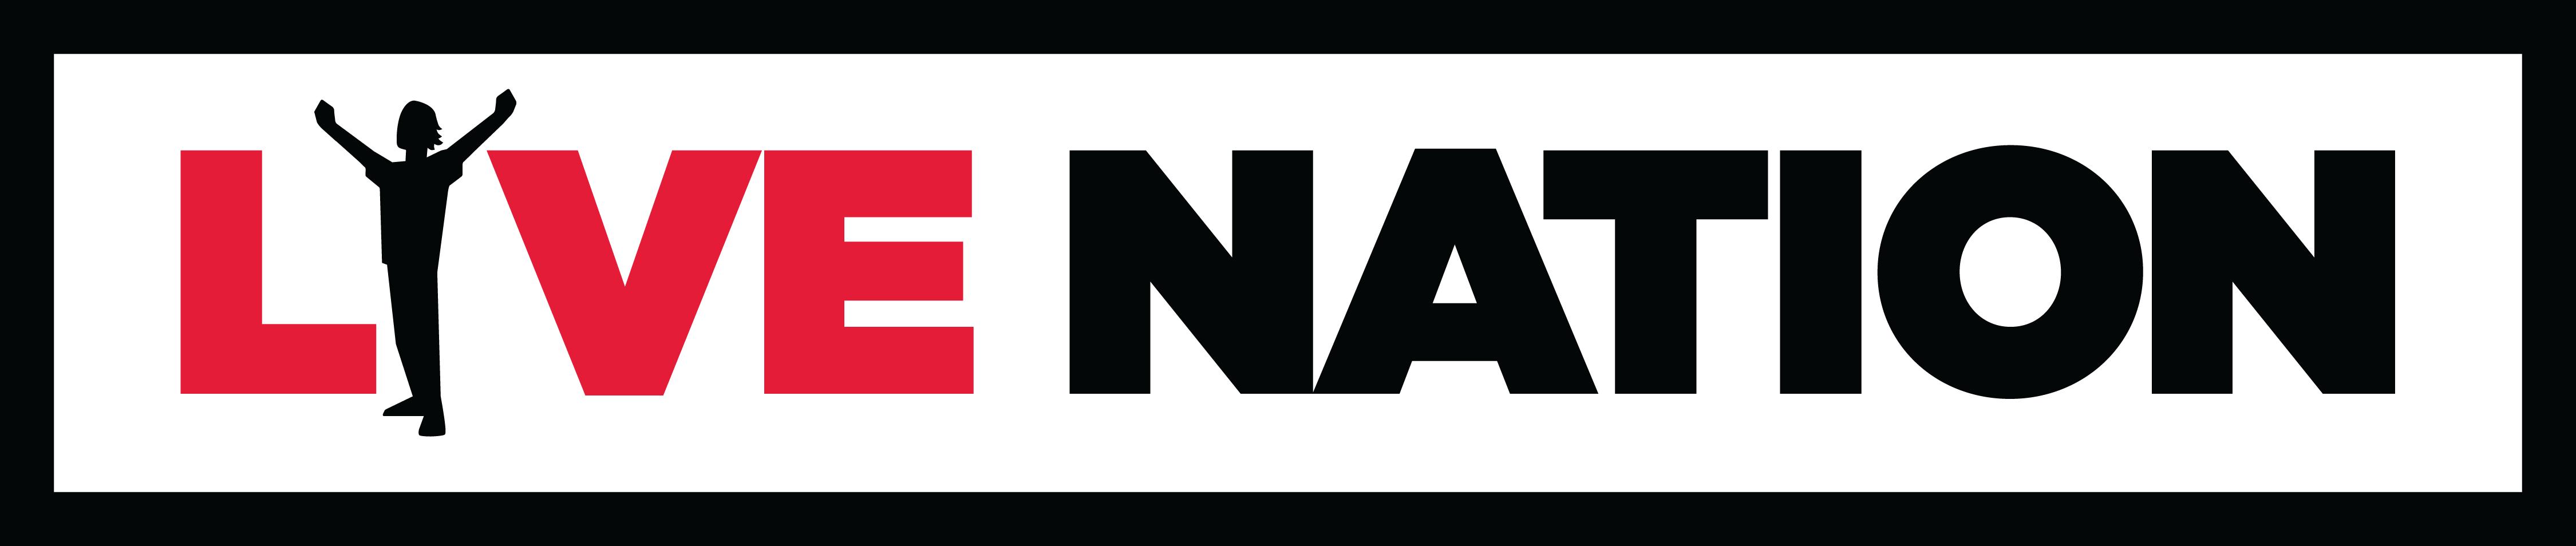 Live nation logo png 7 » PNG Image.